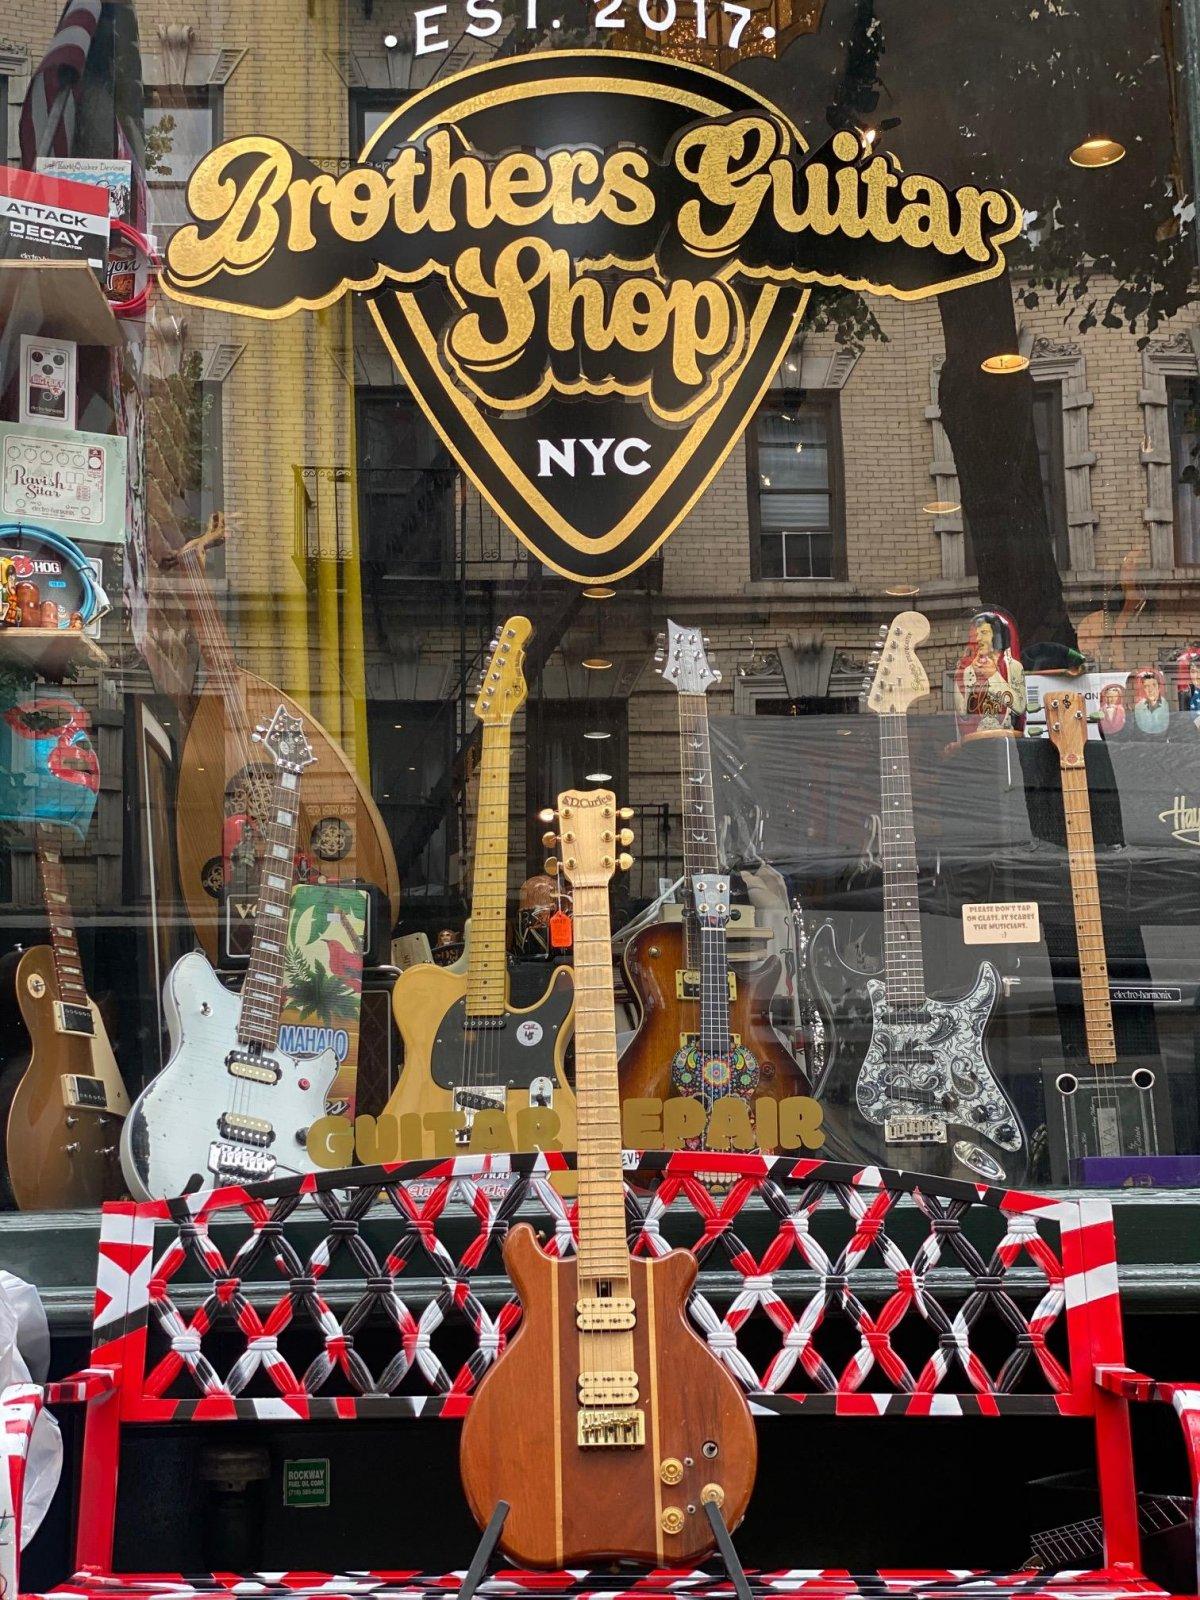 S.D. Curlee Walnut/Mahogany Guitar